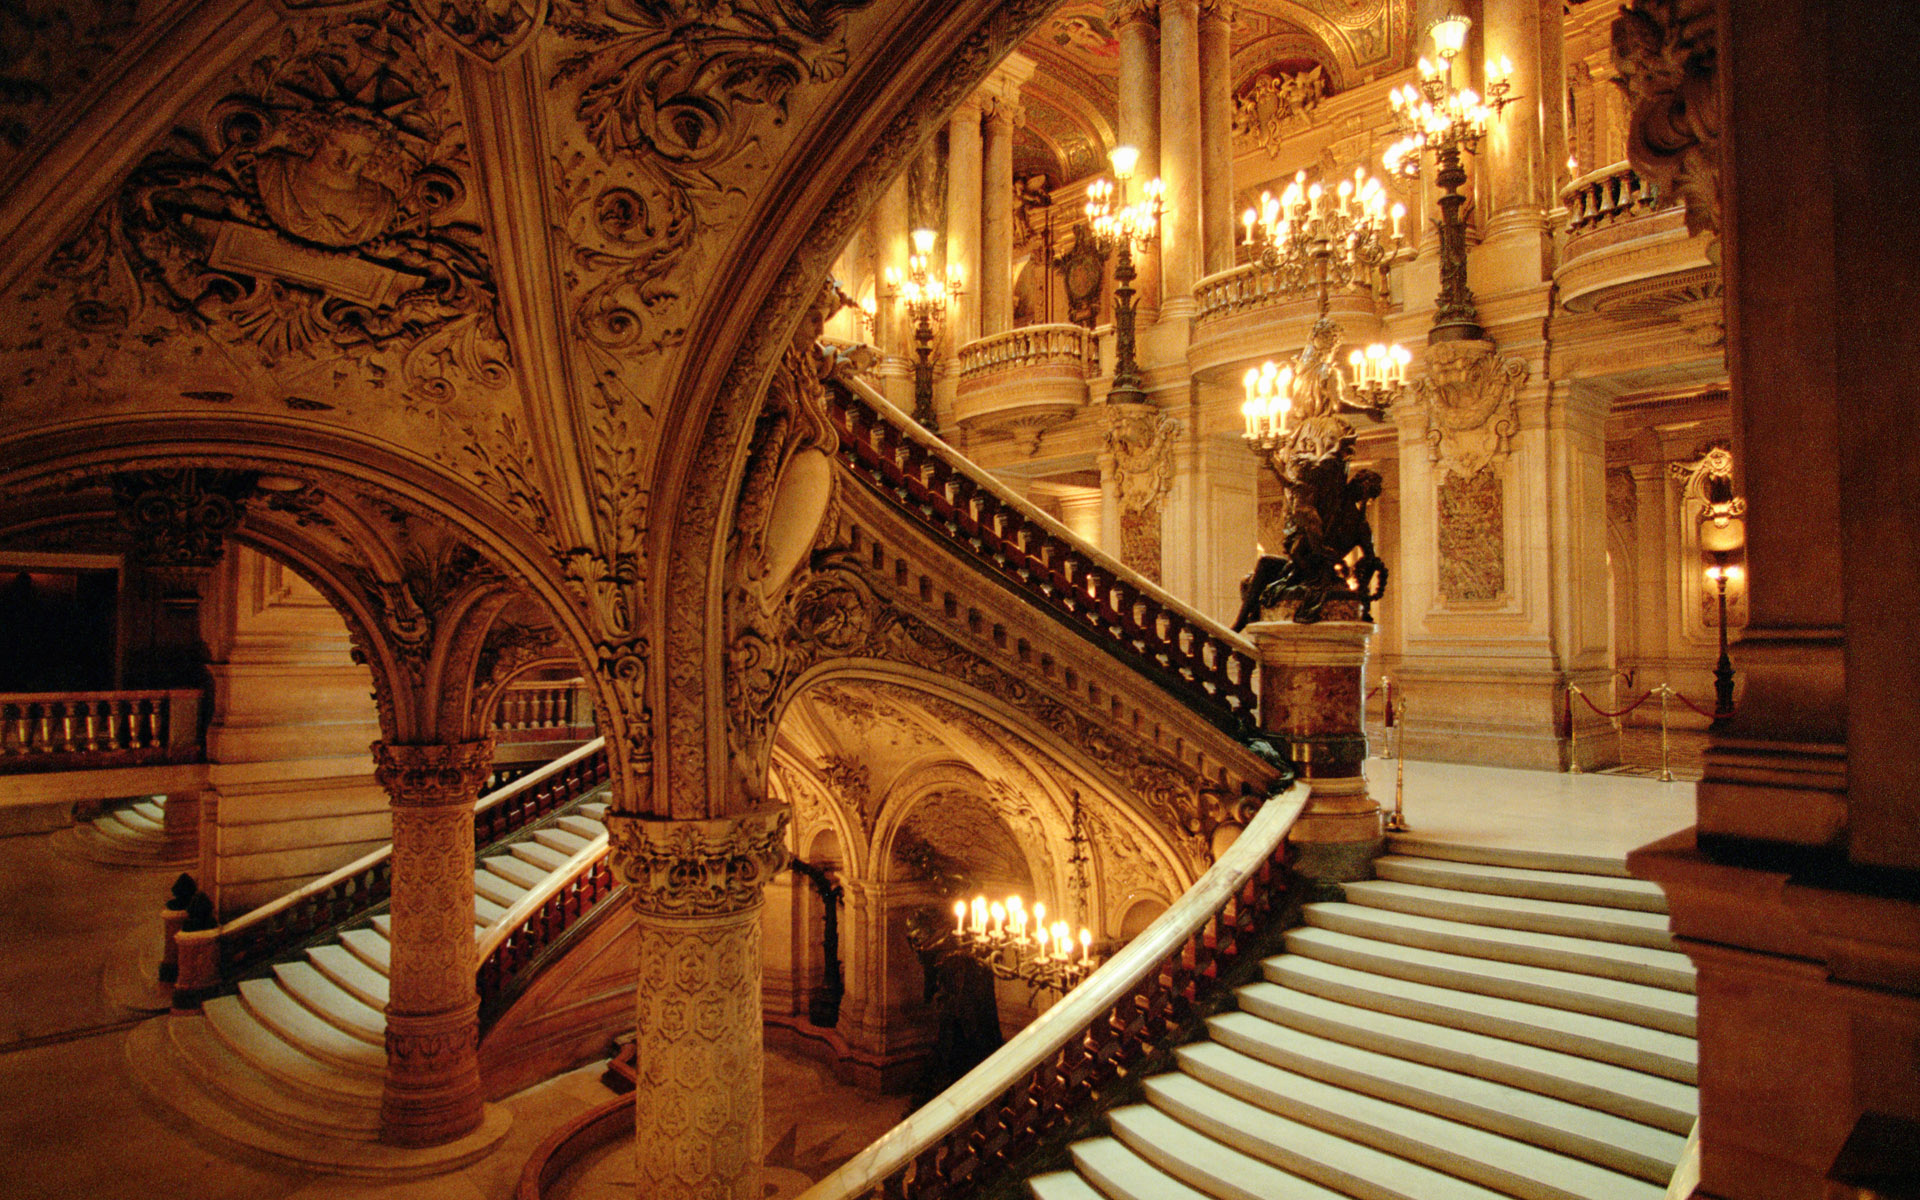 Интерьер здание красивое